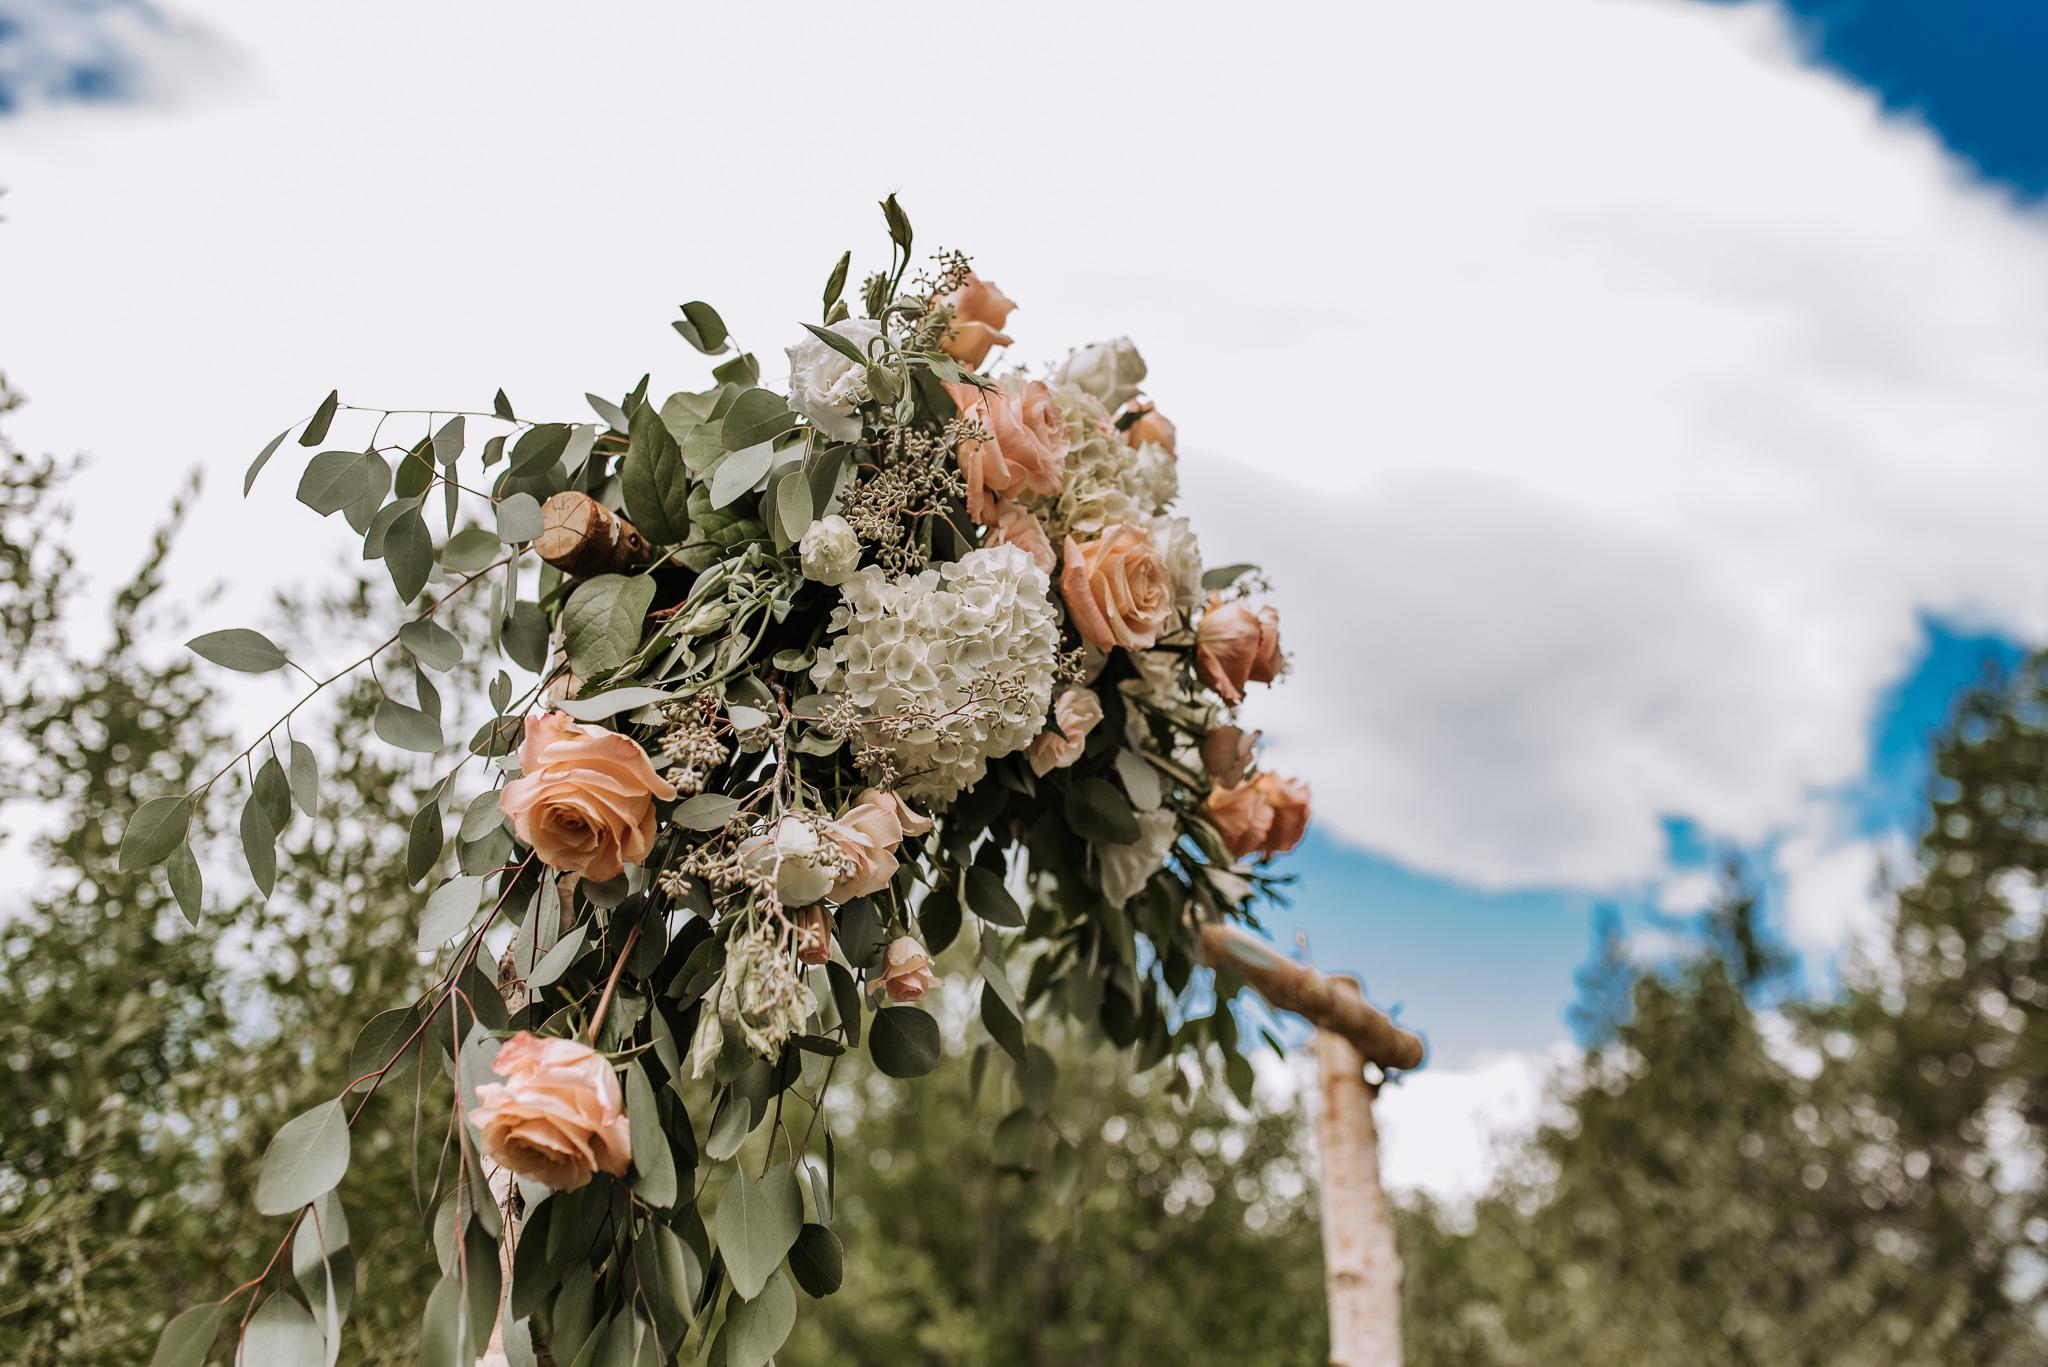 glacier-park-wedding-62.jpg